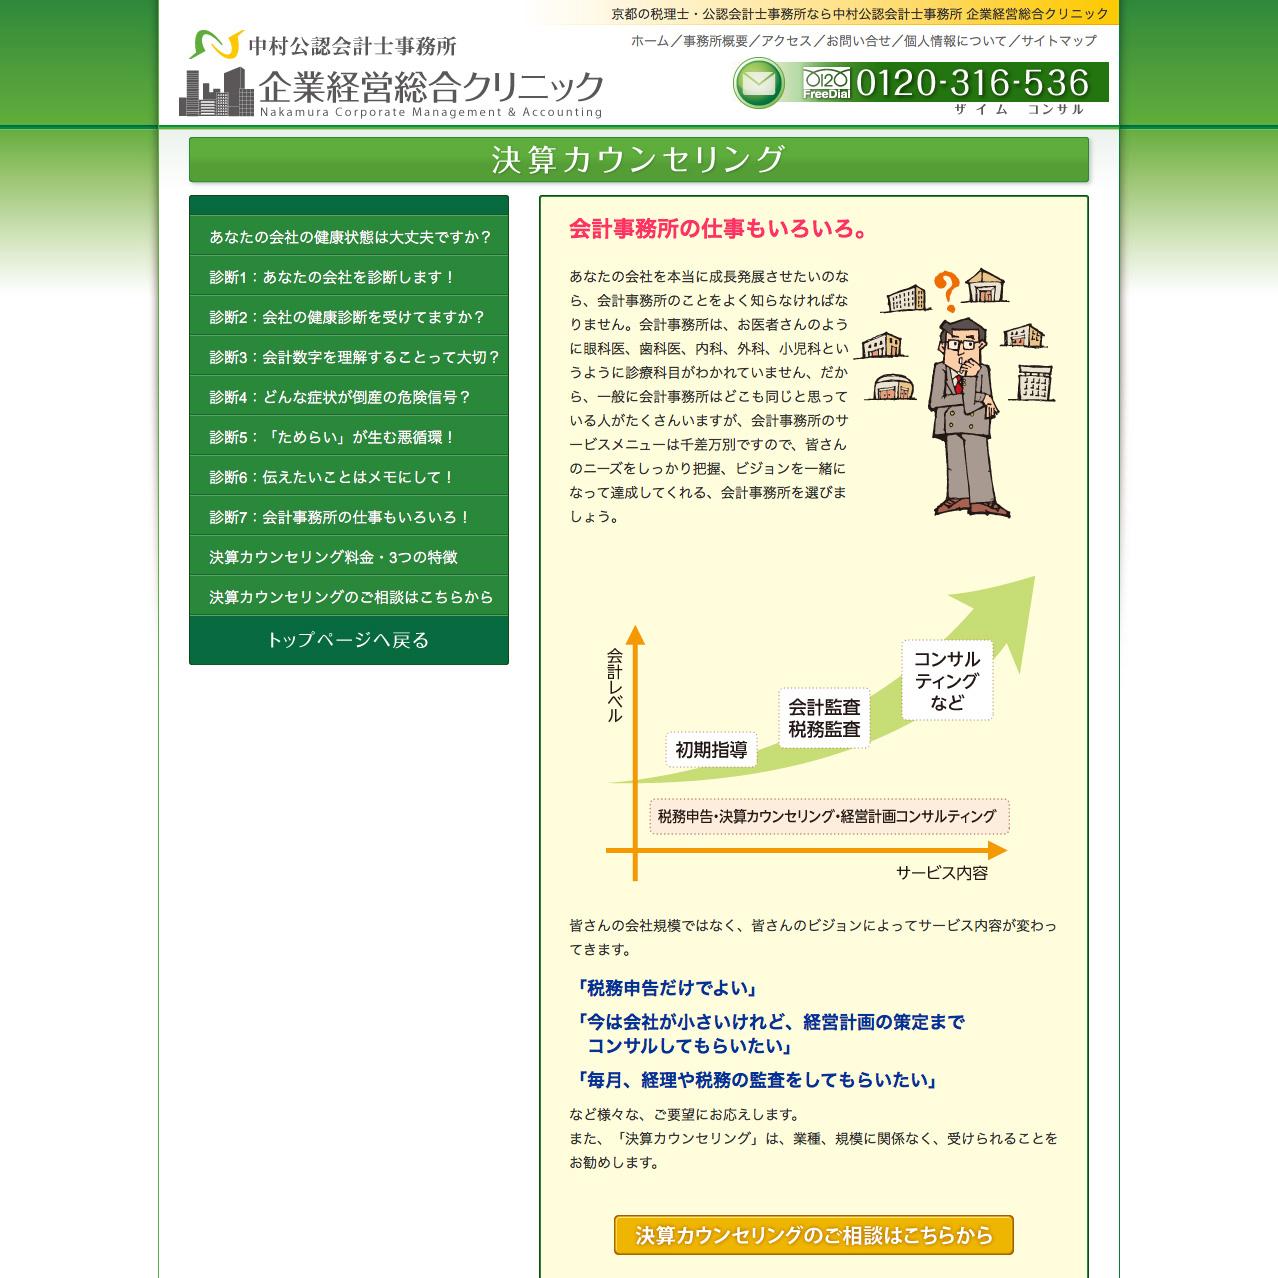 中村公認会計士事務所 会計事務所の仕事ページ